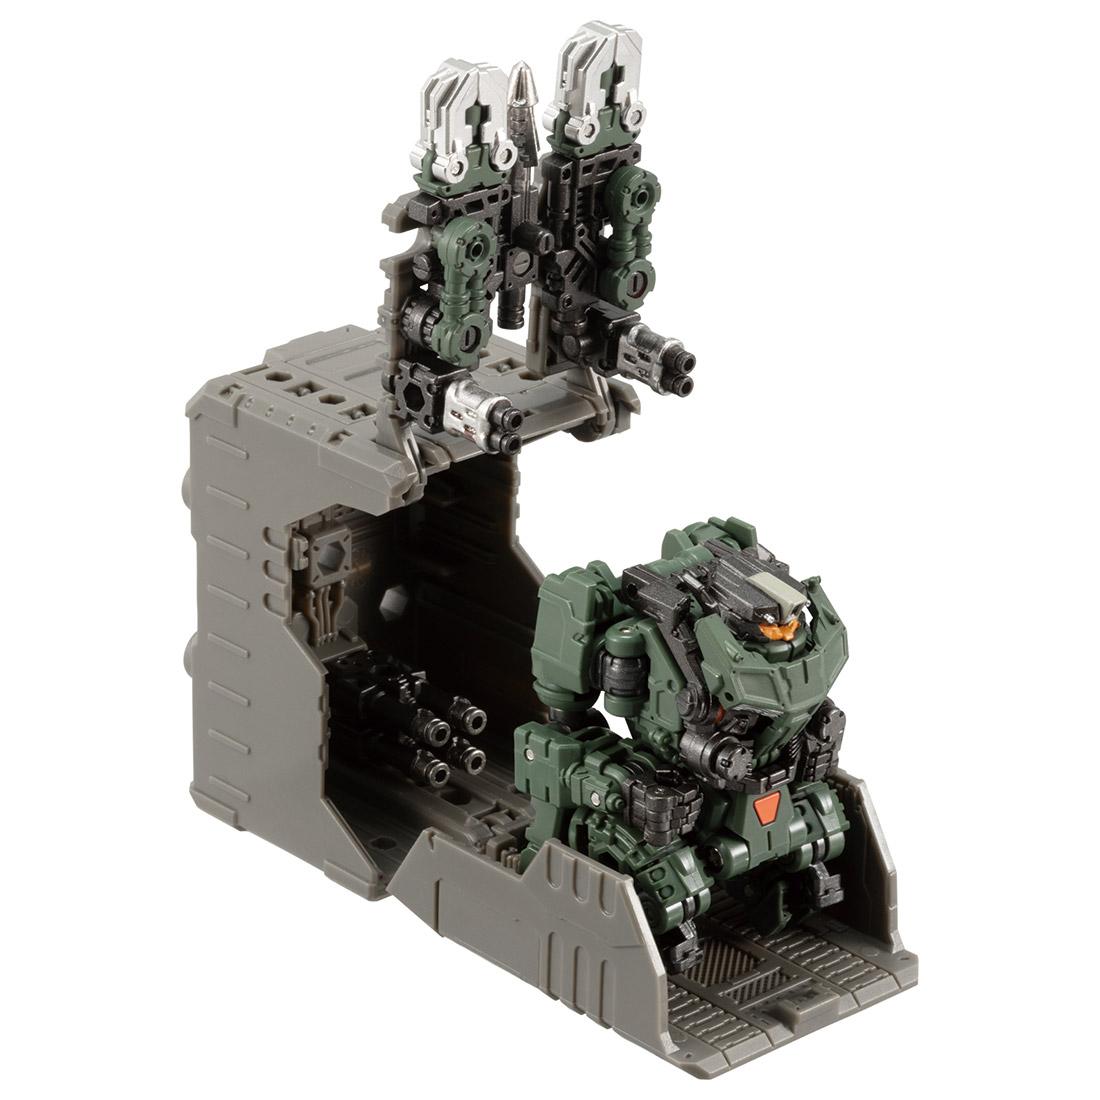 【限定販売】ダイアクロン『DA-49 パワードシステム マニューバイプシロン 宇宙海兵隊Ver』可動フィギュア-008